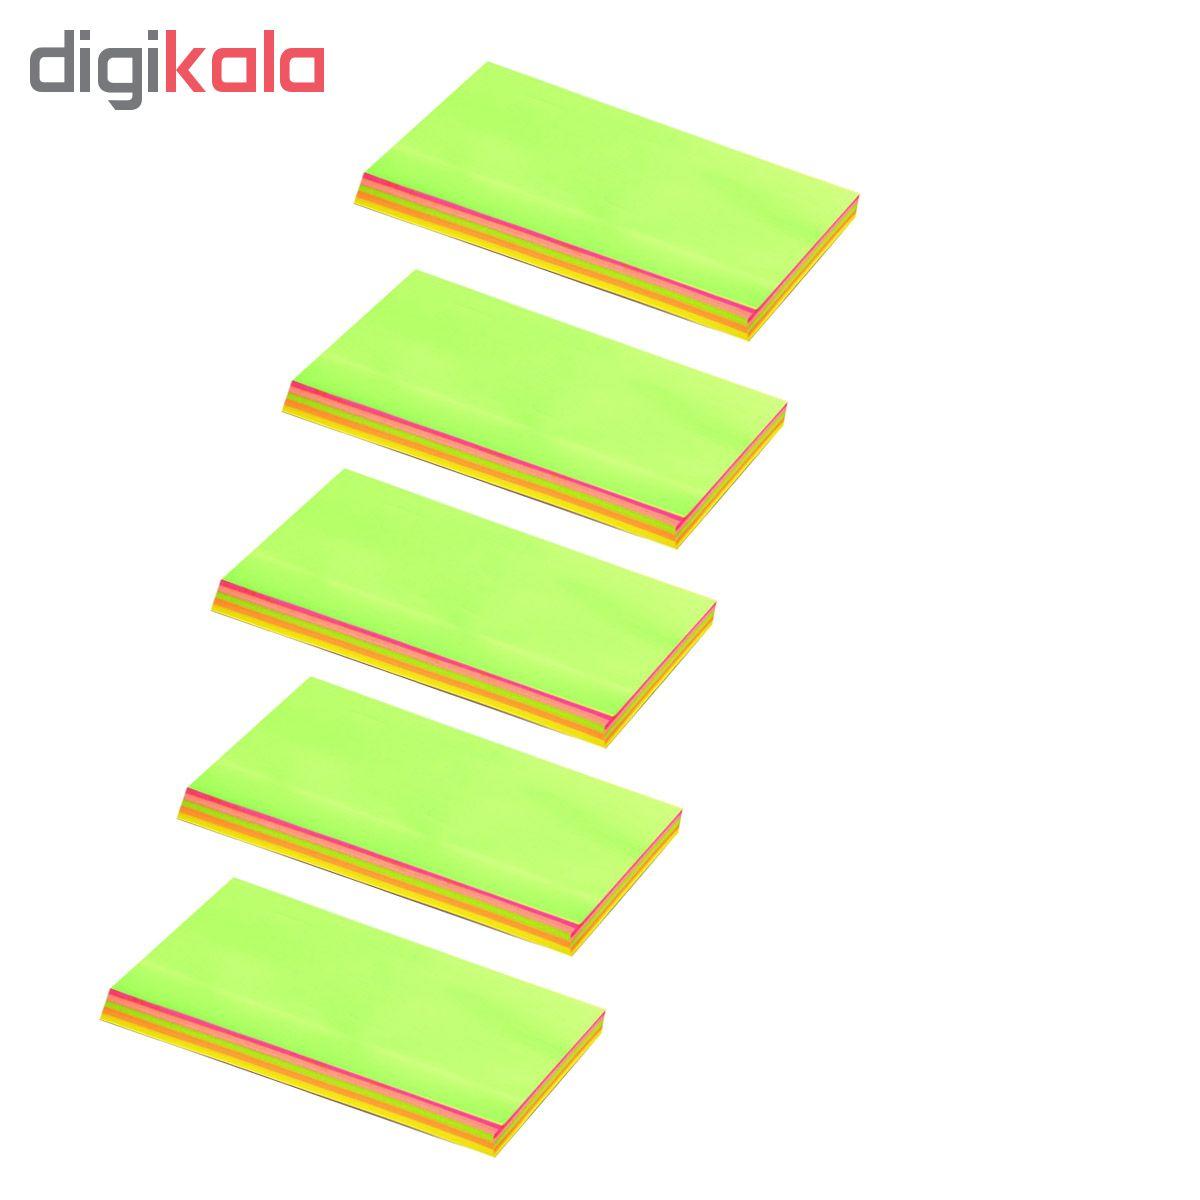 کاغذ یادداشت چسبدار  مدل B111 بسته 5 عددی main 1 1